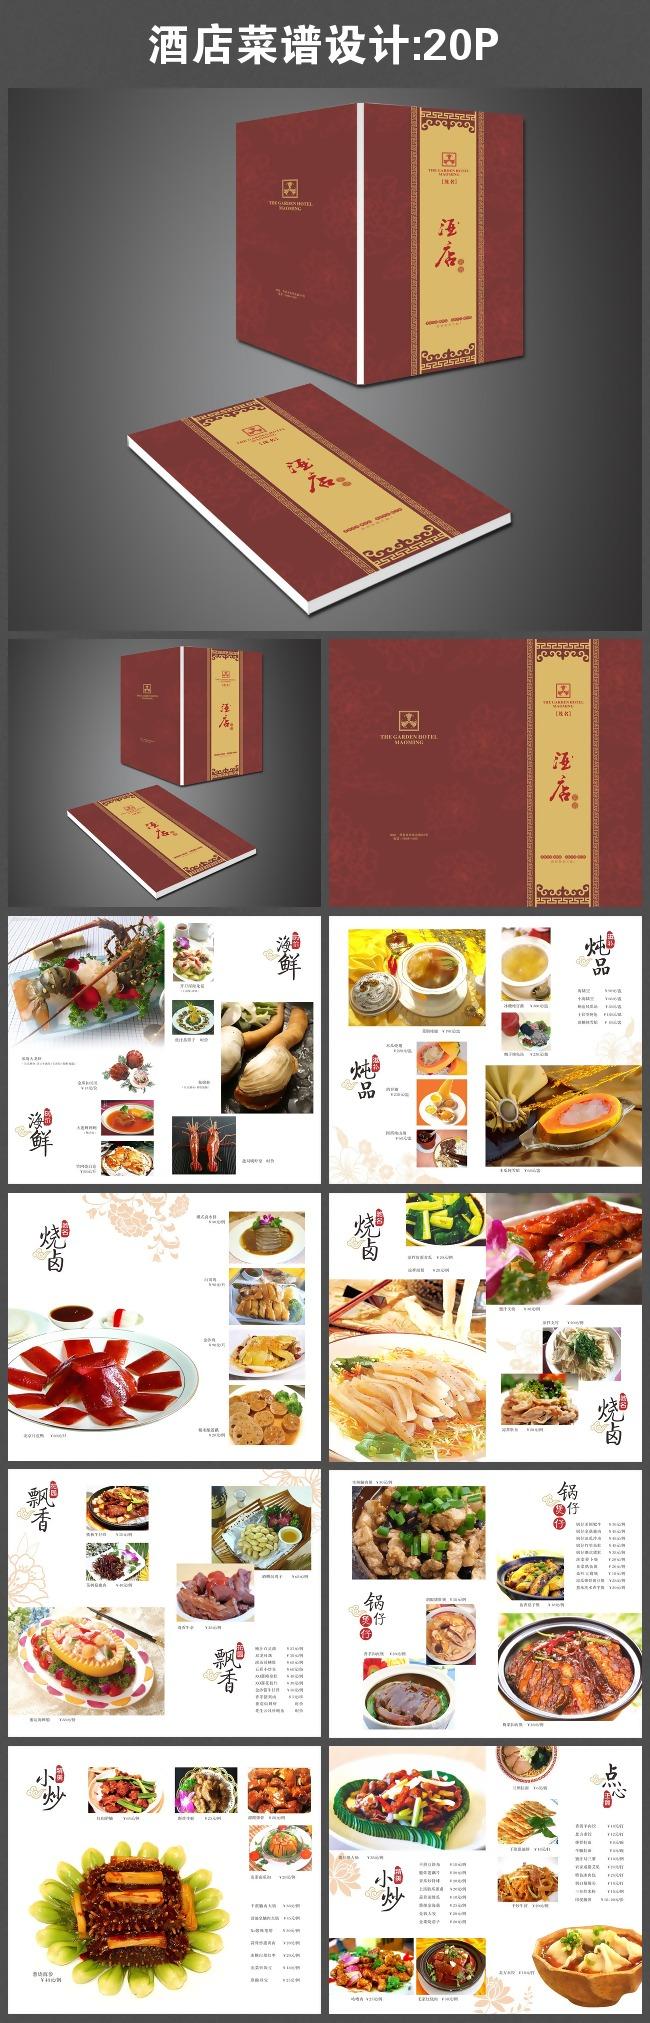 酒店菜谱设计图片下载